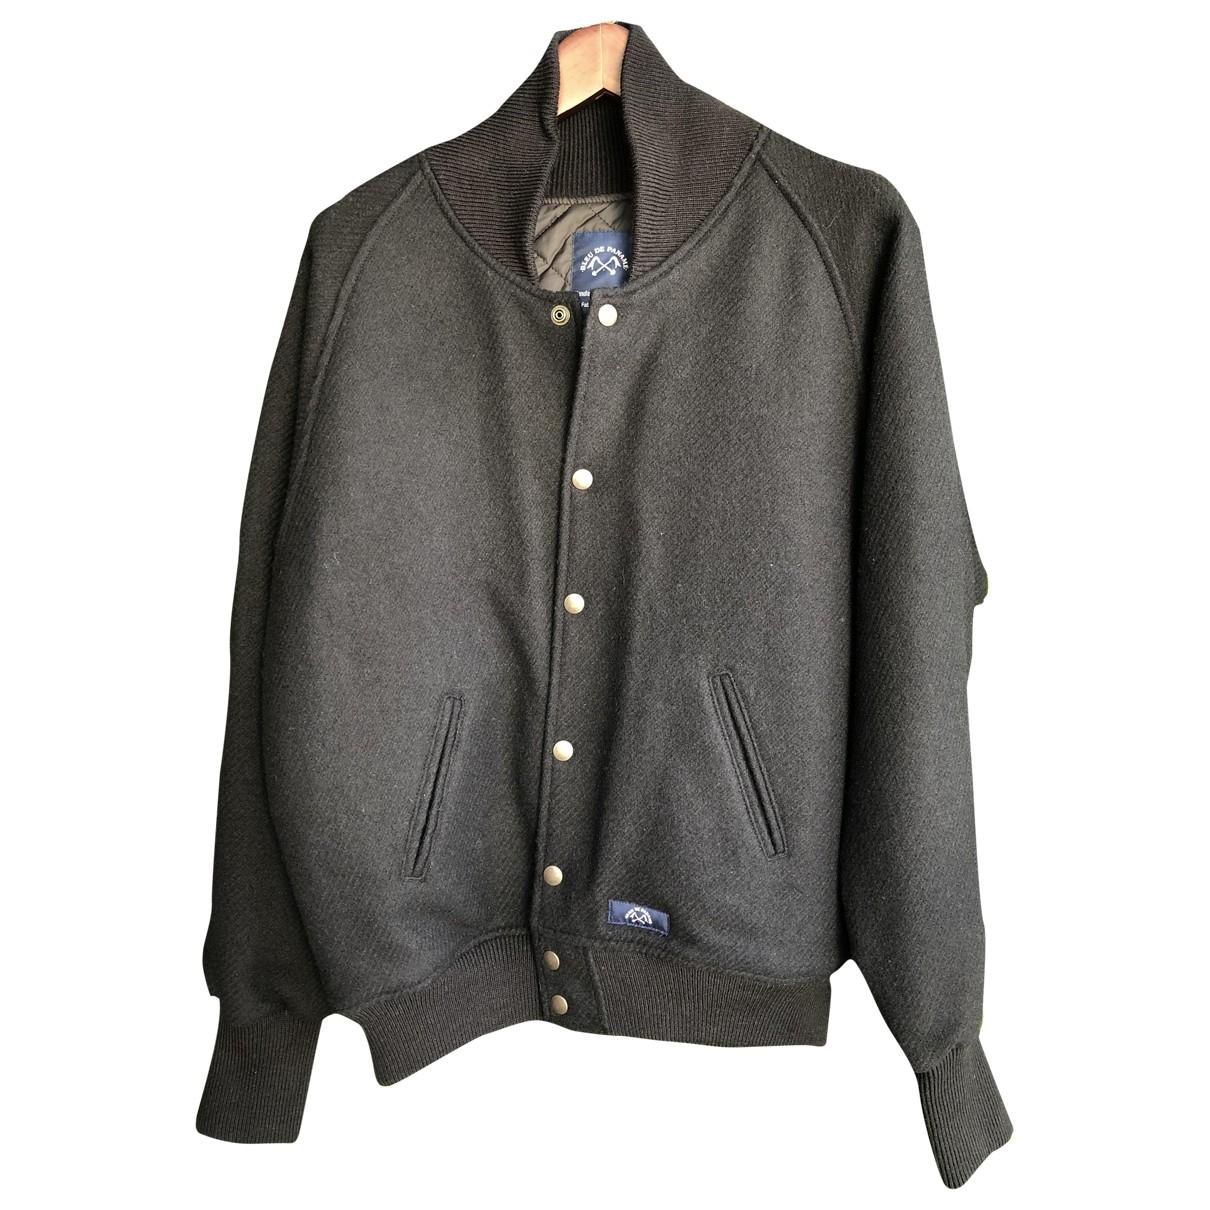 Bleu De Paname - Vestes.Blousons   pour homme en laine - noir